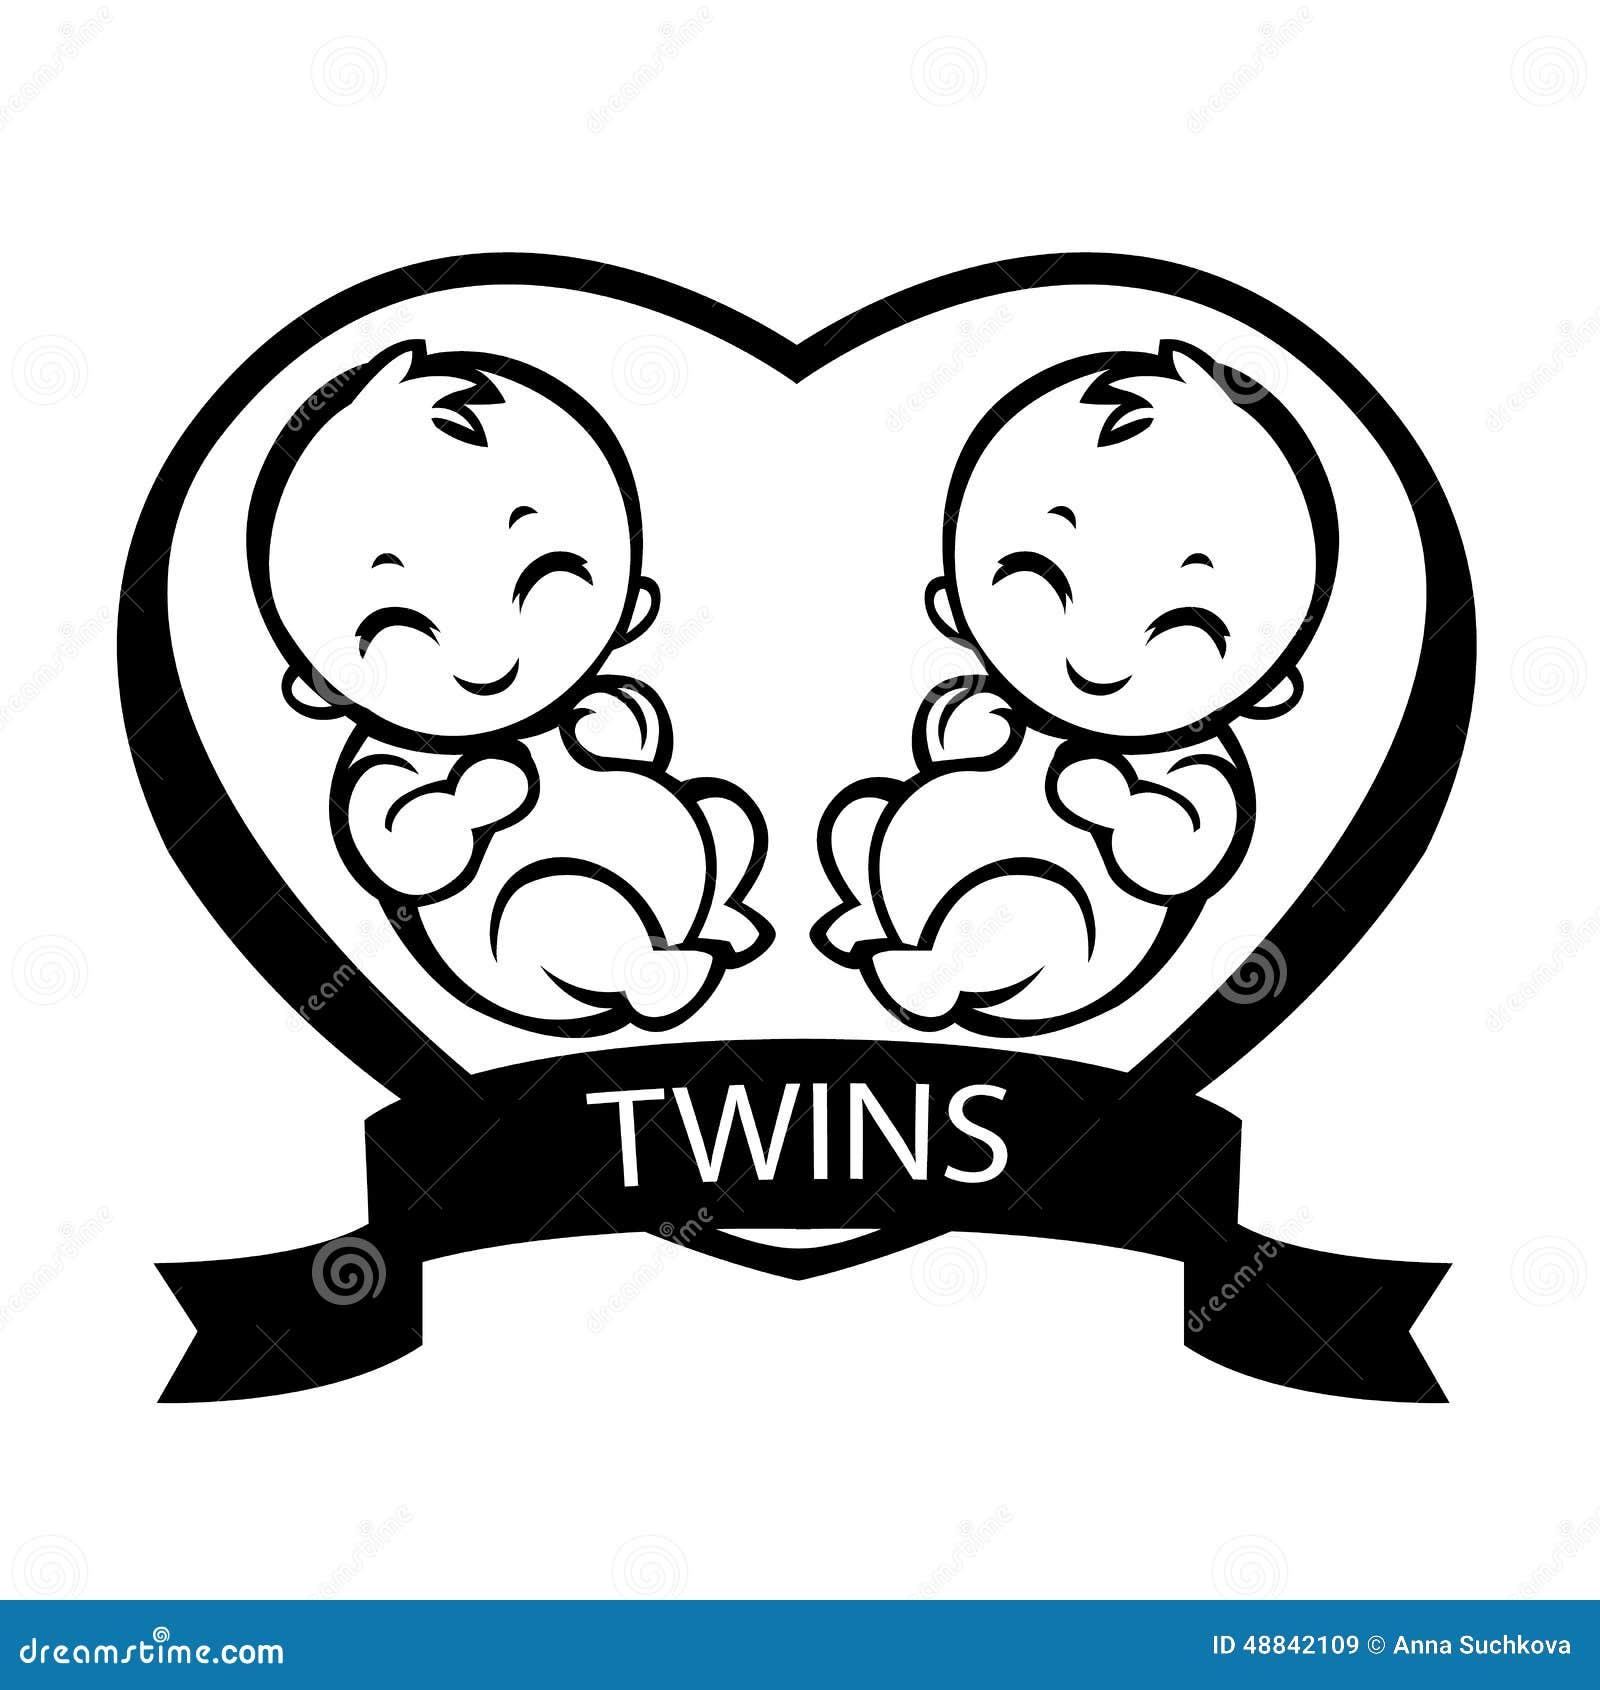 Twin Children Stock Vector - Image: 48842109